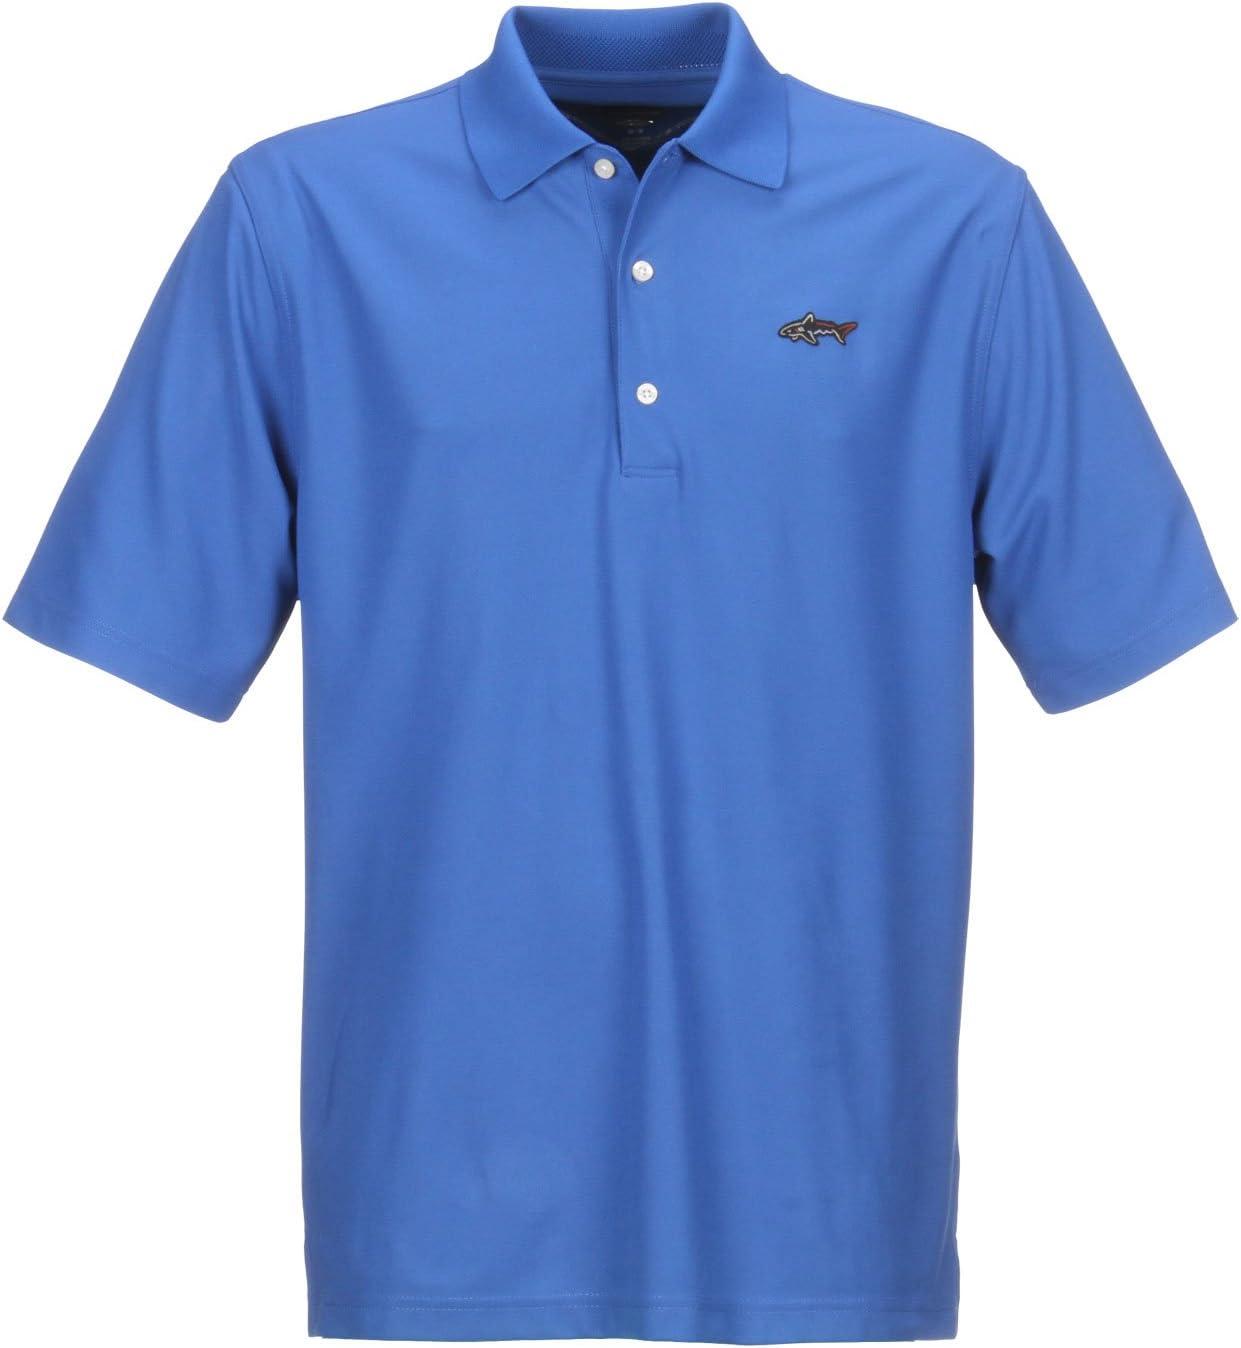 GREG NORMAN Collection Mens Protek Micro Pique Shark Logo Polo Shirt